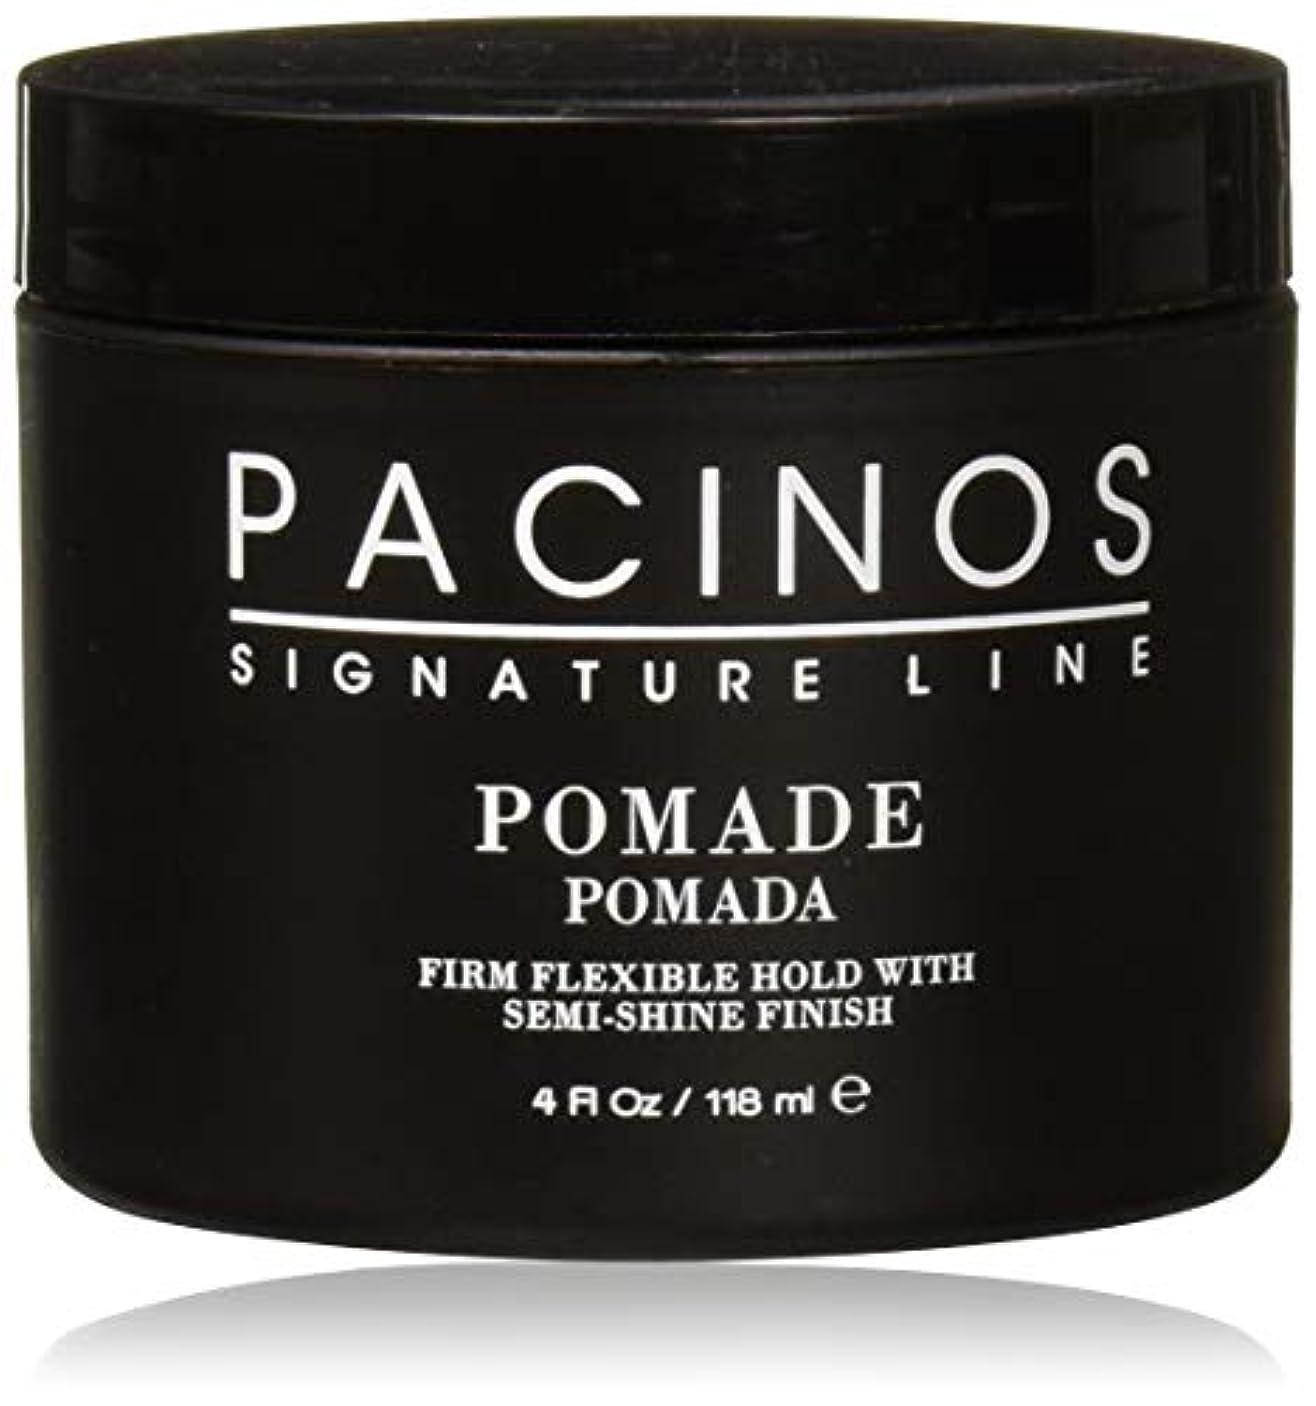 もしホスト見つけるPacinos Pomade パチーノス?ポマード【日本正規品】4oz(118g)